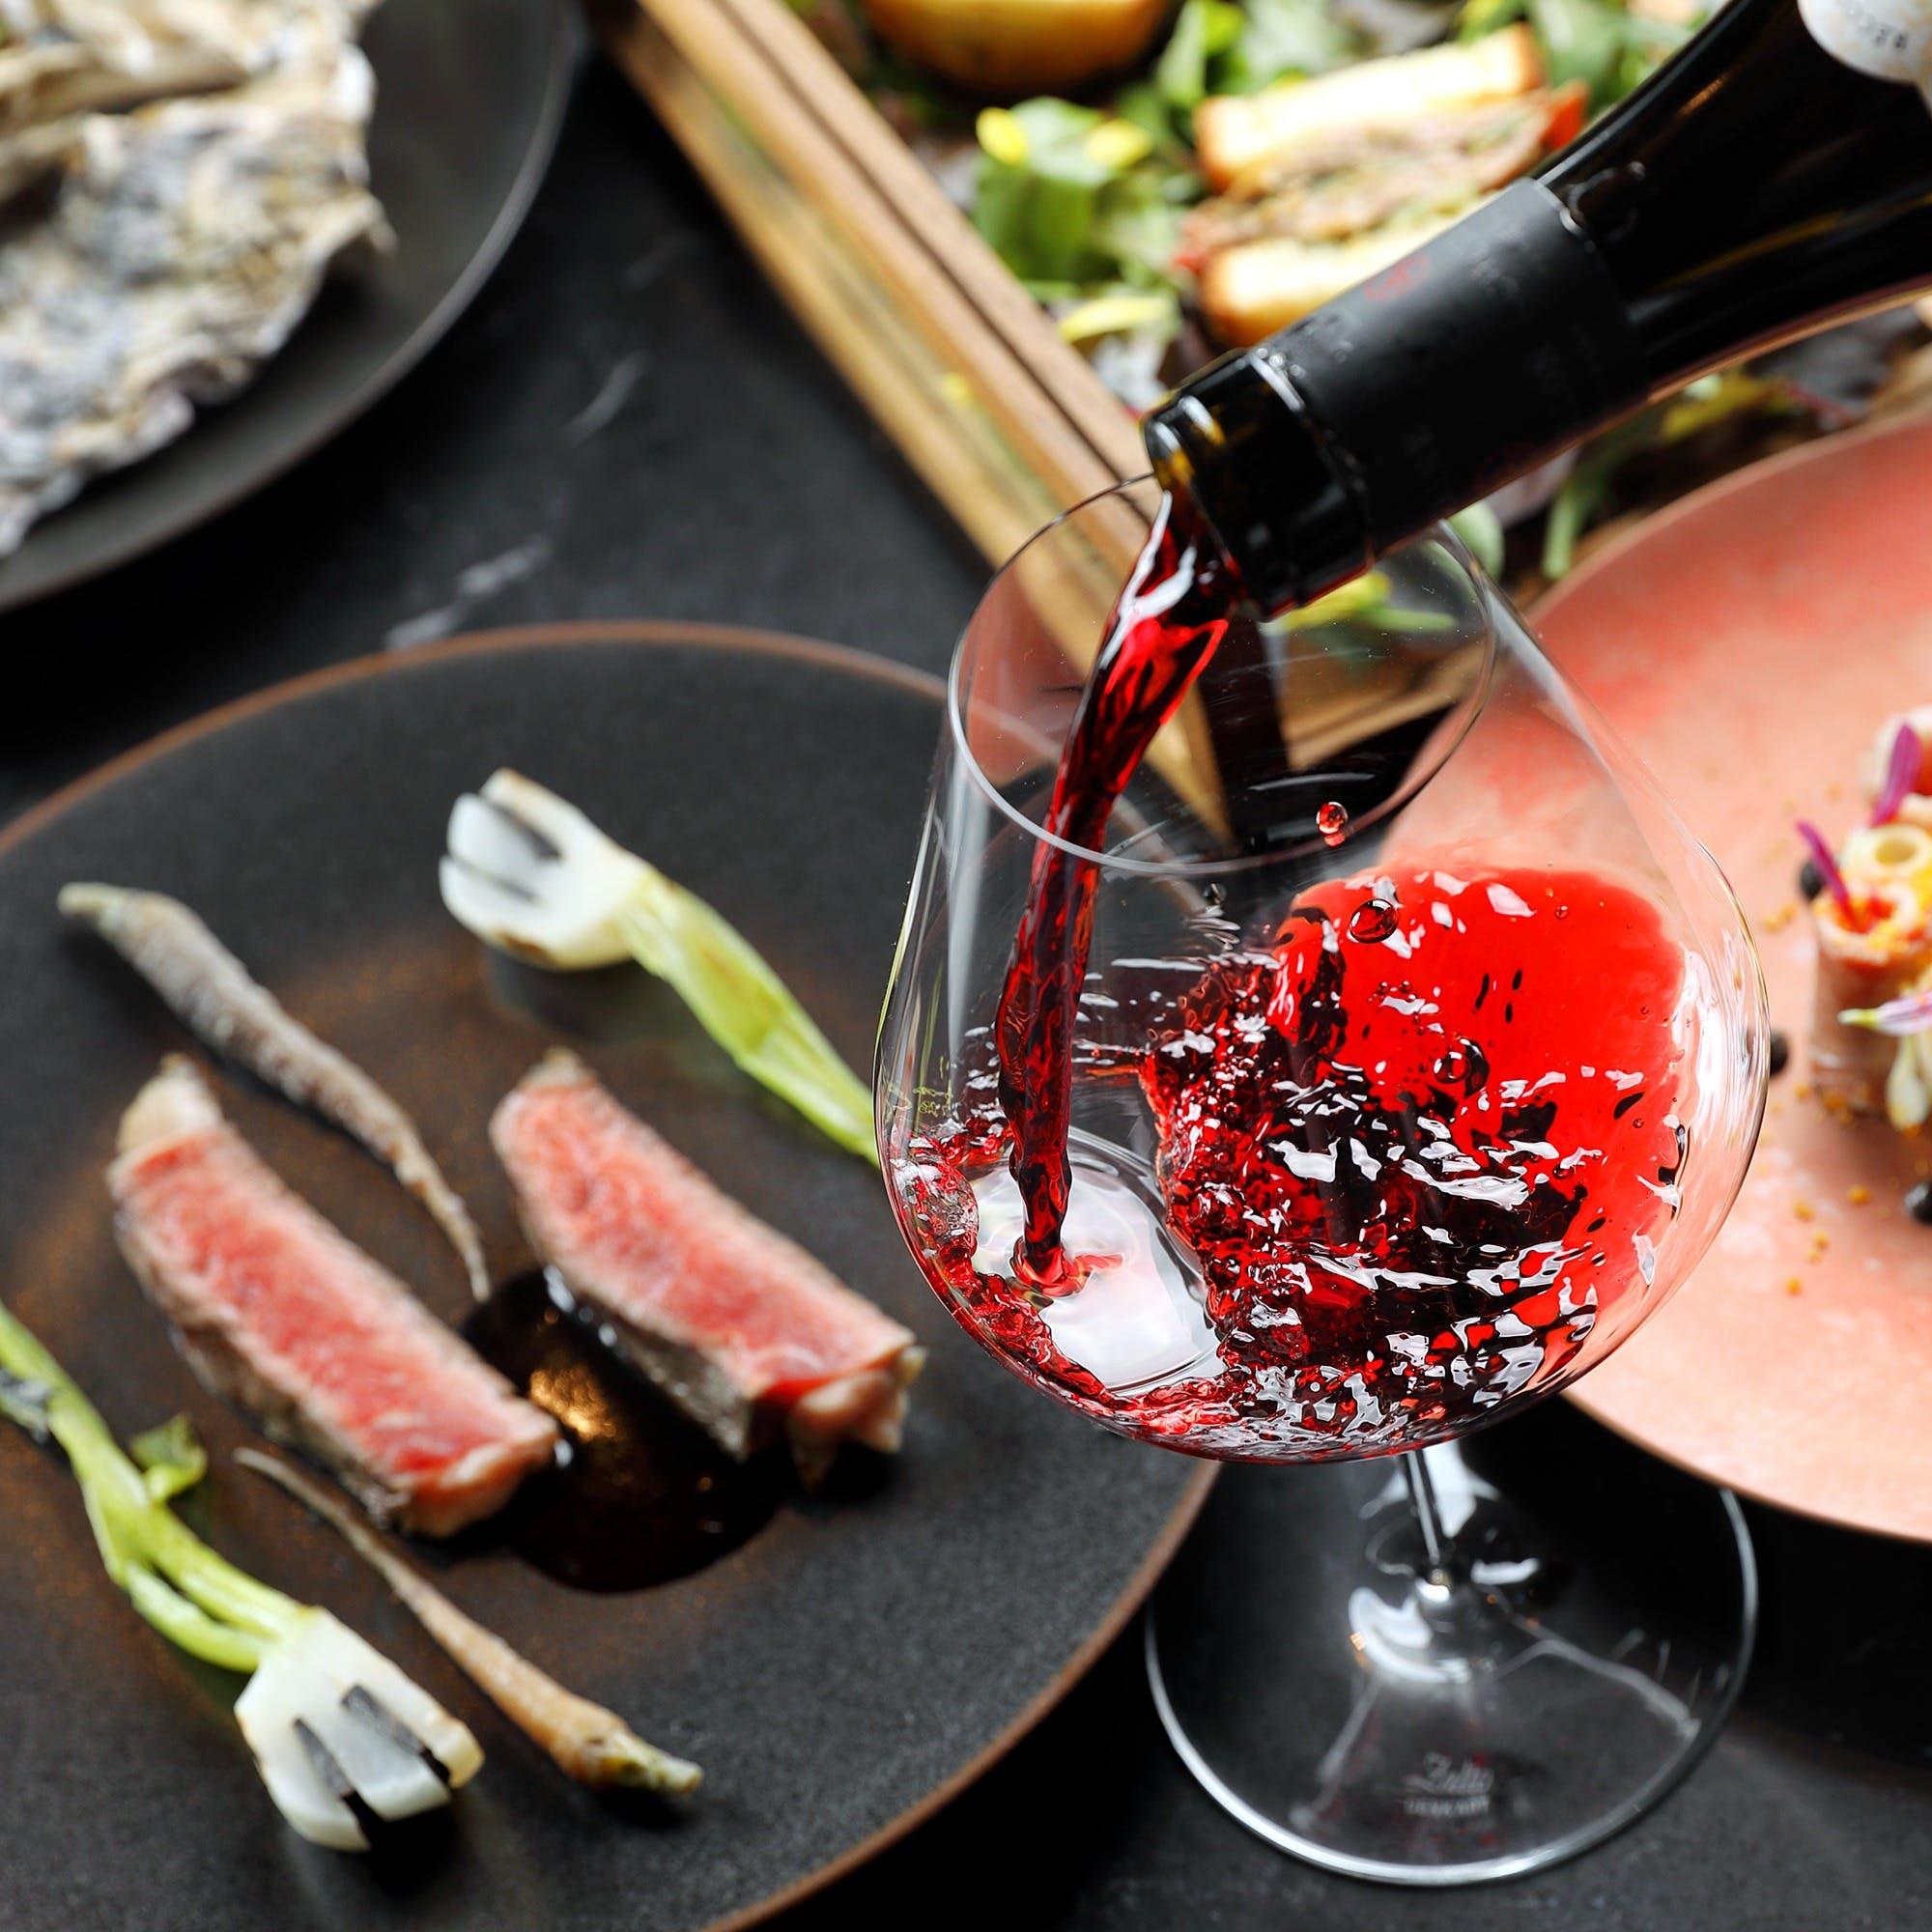 「厳選した希少肉×フレンチ×ワイン」のマリアージュをお楽しみ下さい